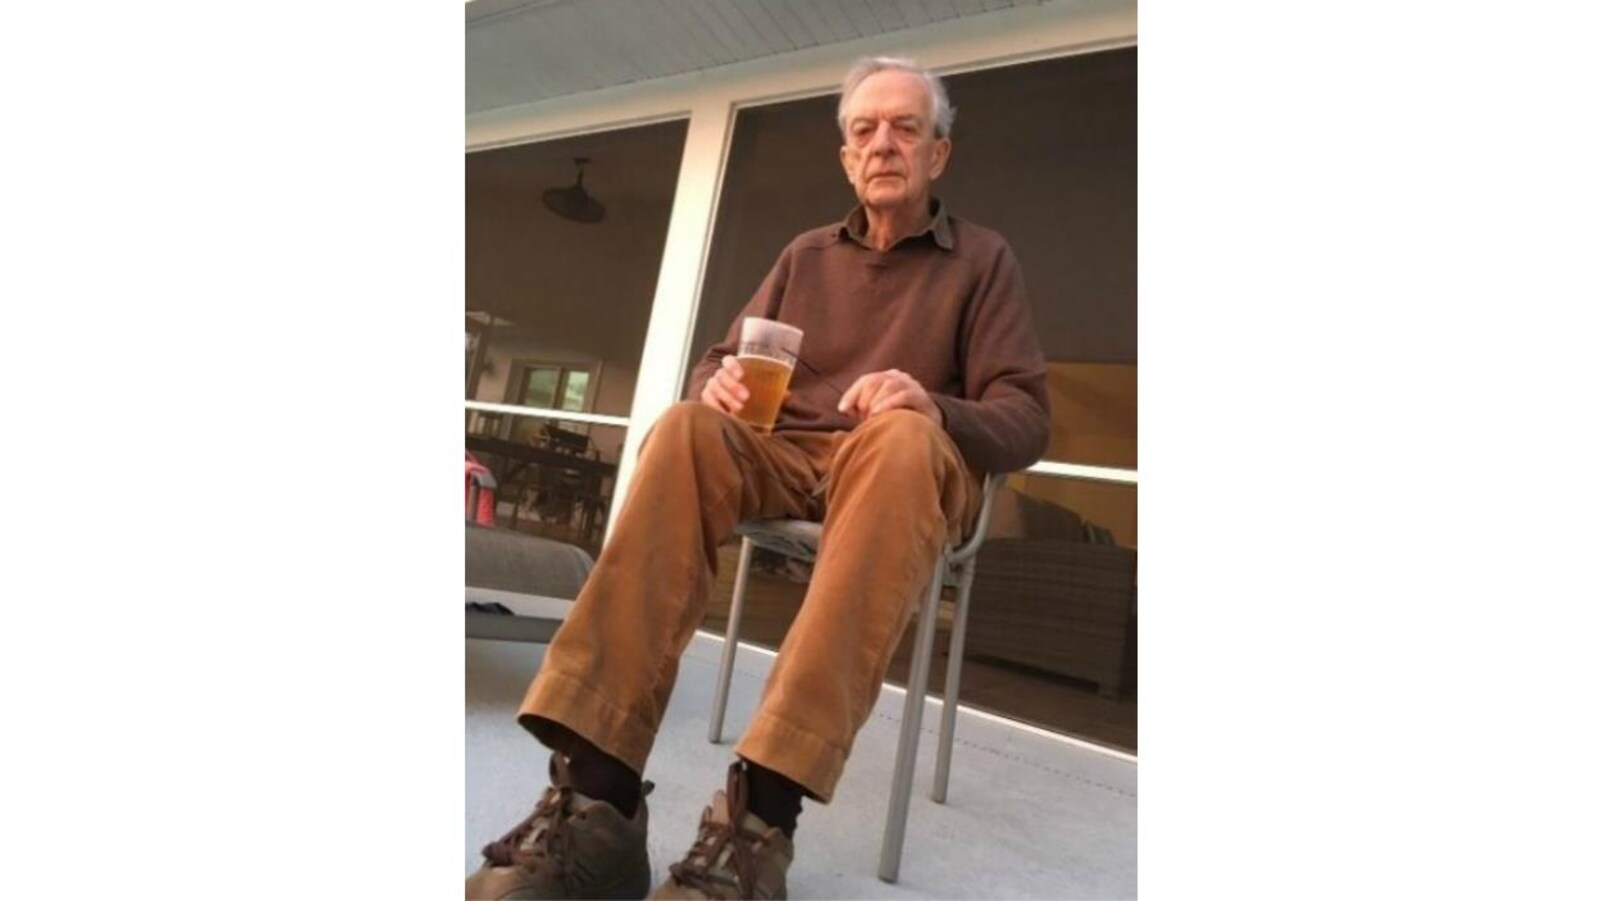 Photographie d'un homme âgé assis sur une chaise avec un verre dans la main droite posé sur sa cuisse droite.